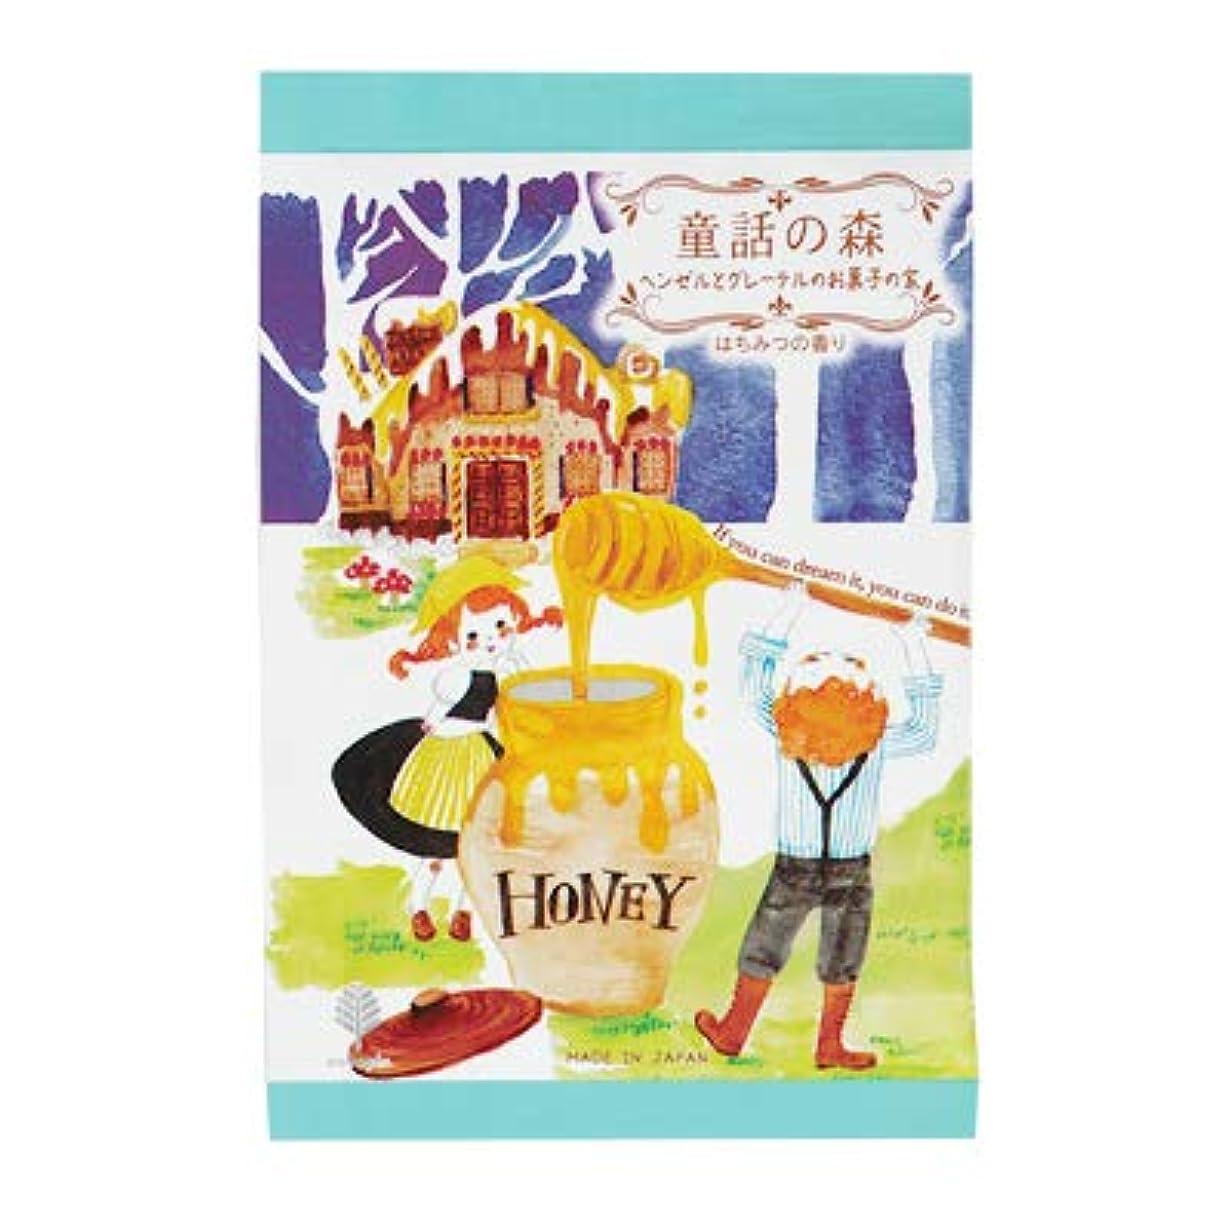 キャンバス参照する仮定する【まとめ買い6個セット】 童話の森 ヘンゼルとグレーテルのお菓子の家